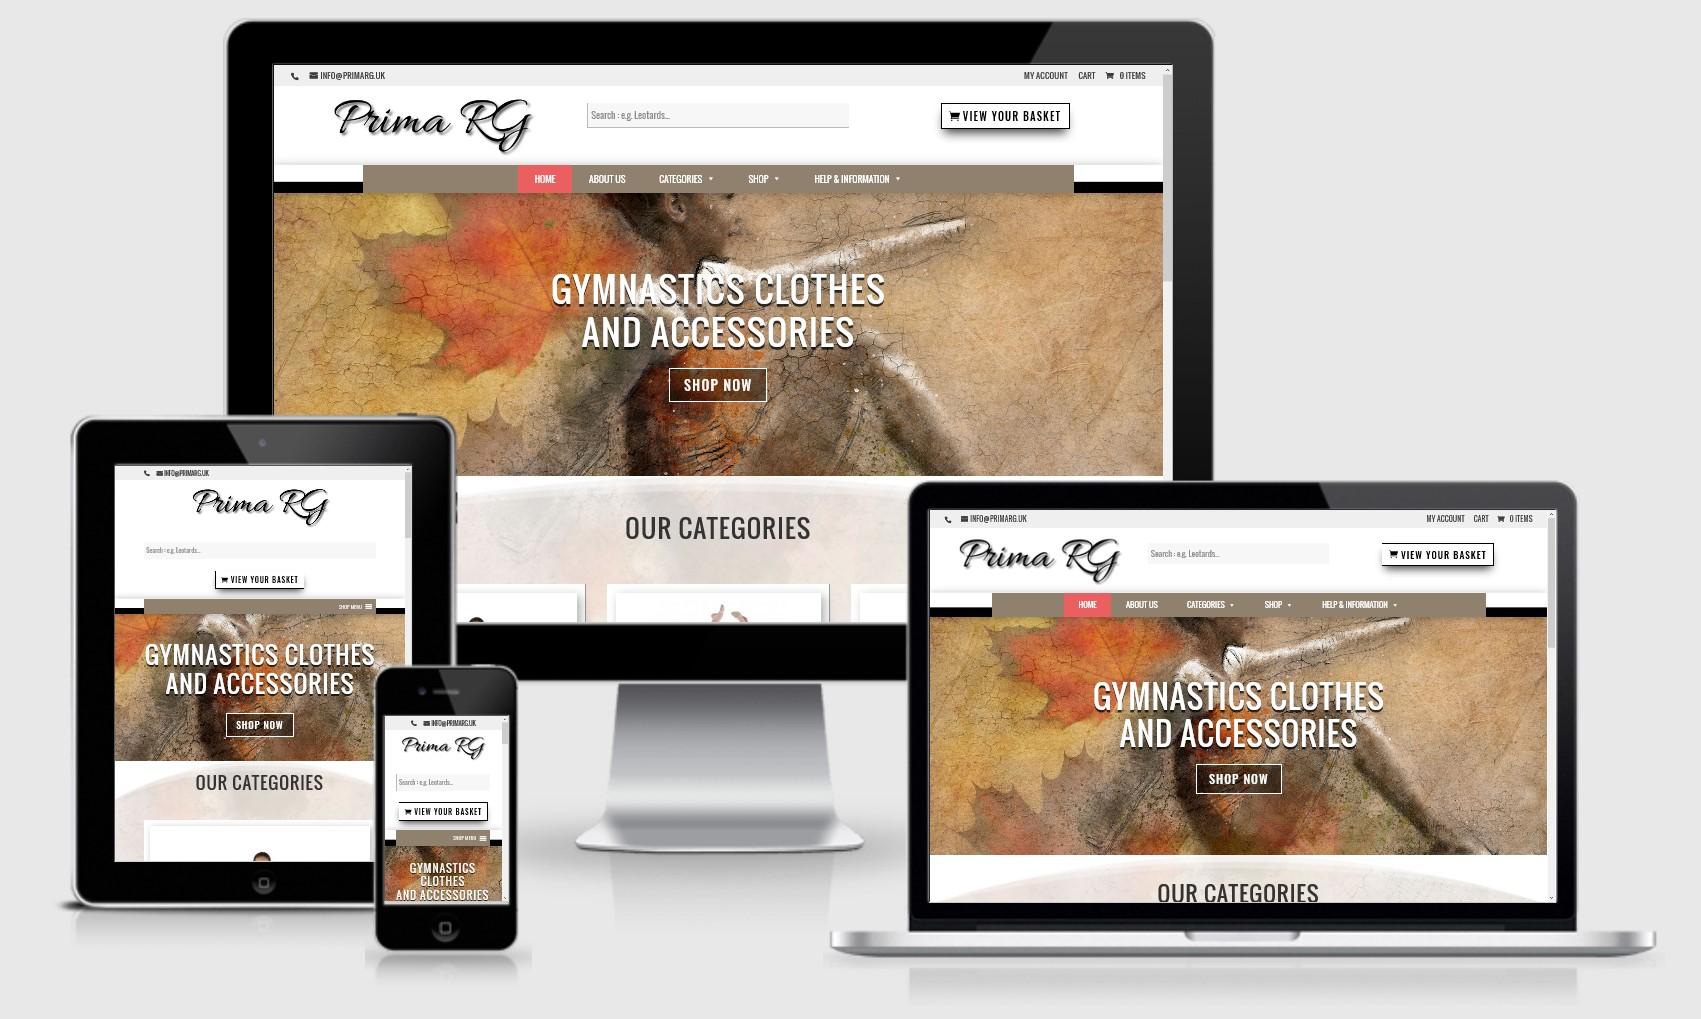 Prima RG Website